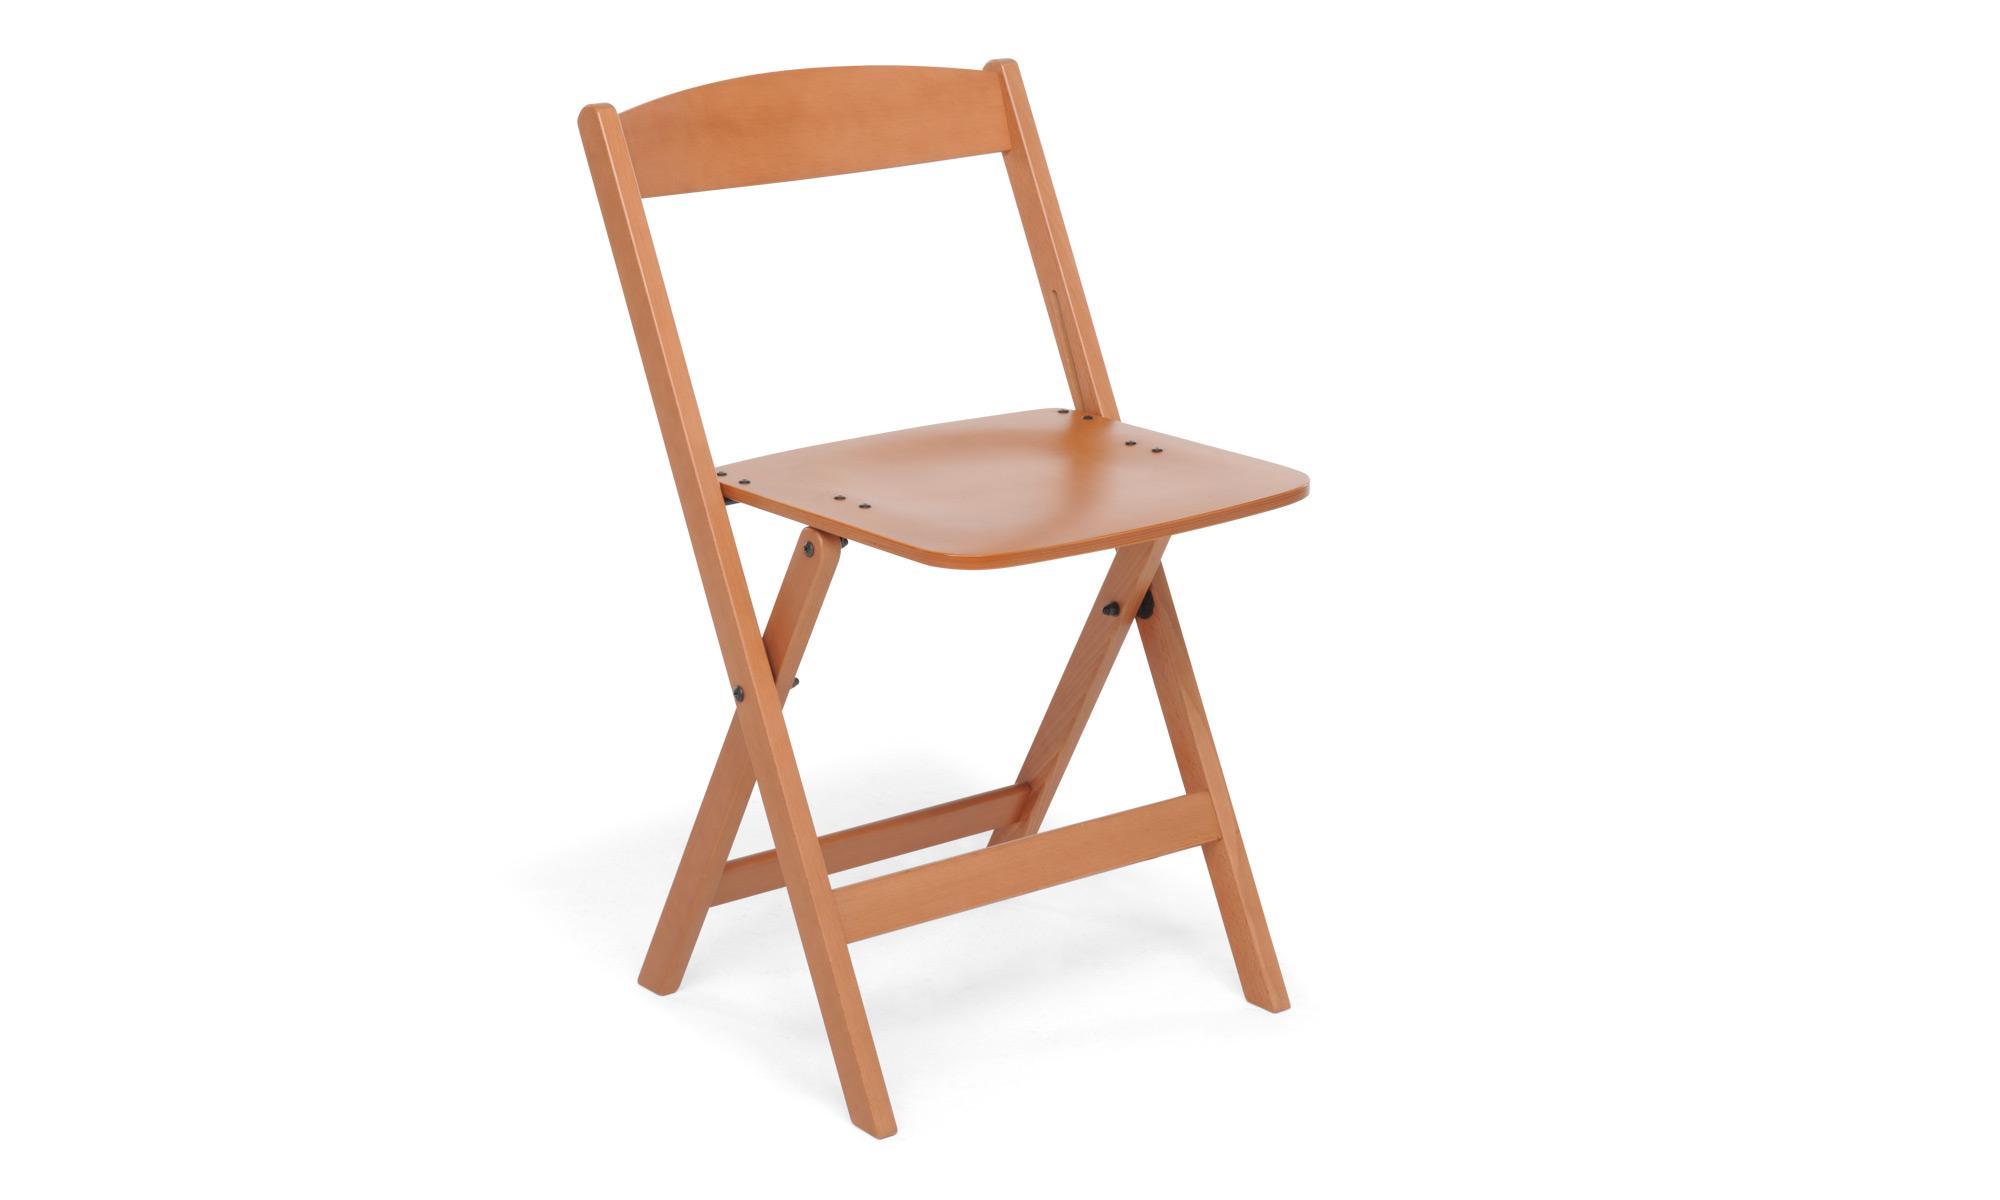 Foppapedretti luna sedia pieghevole in legno noce 1 - Tavolo pieghevole foppapedretti ...